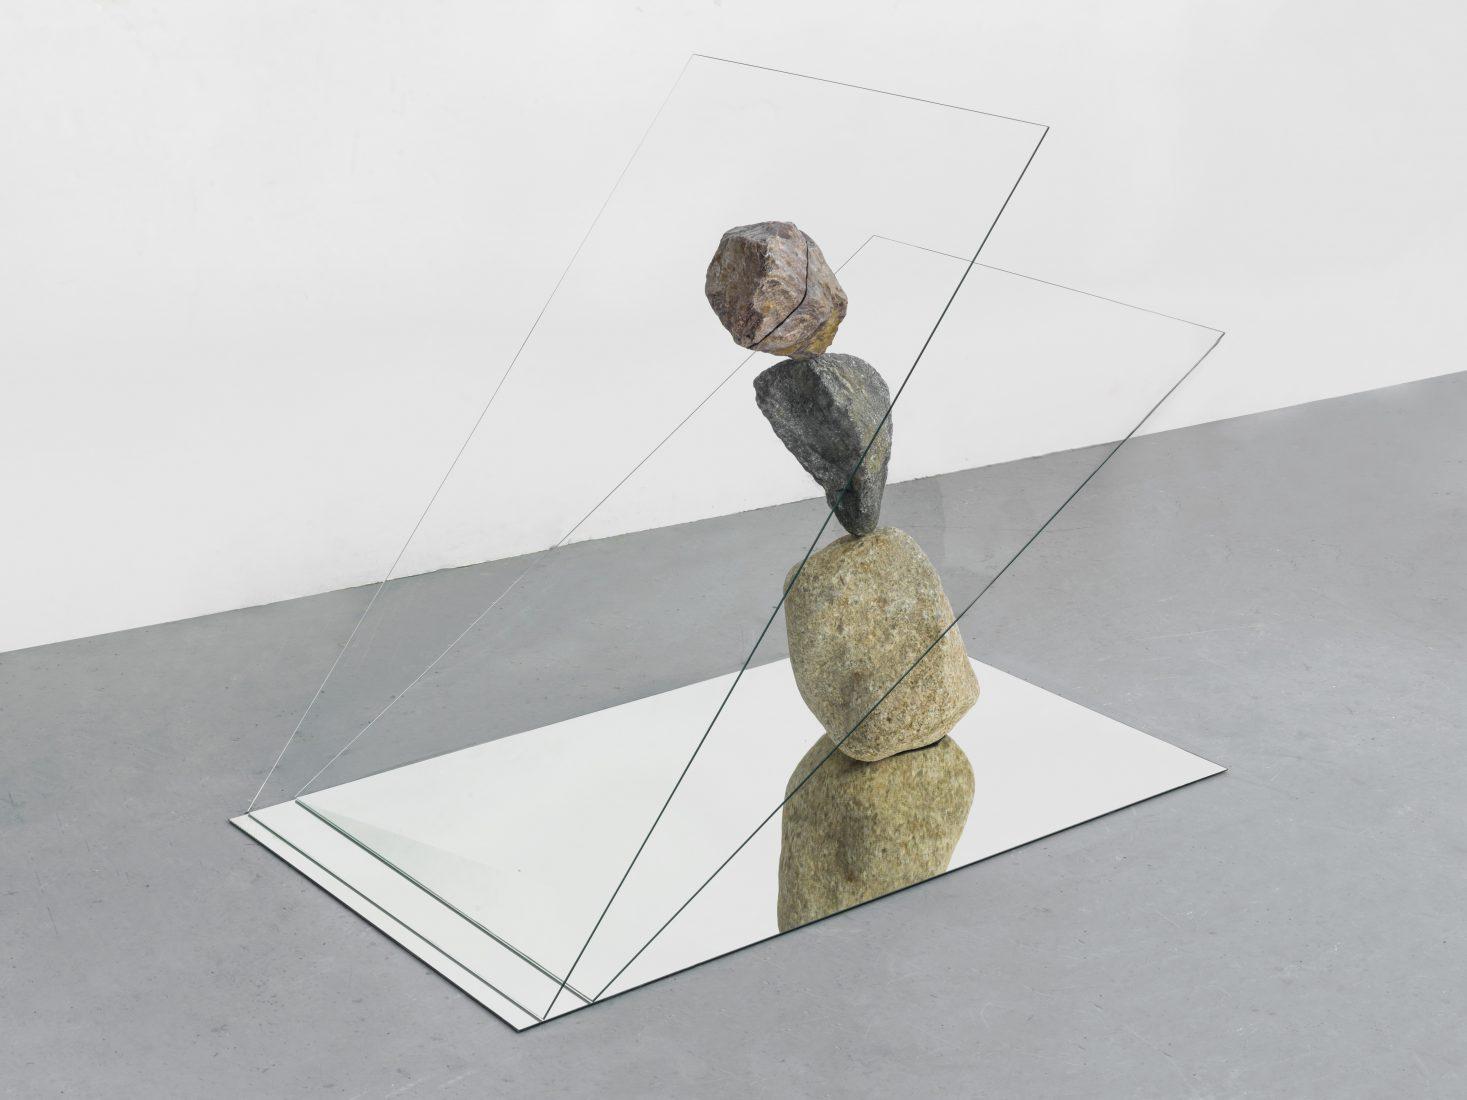 Алисия Кваде. Неограничено противоречие, 2018, намерени камъни, стъкло, огледало, 101 x 73 x 127 см. Със съгласието на: галерия Кьониг, Берлин